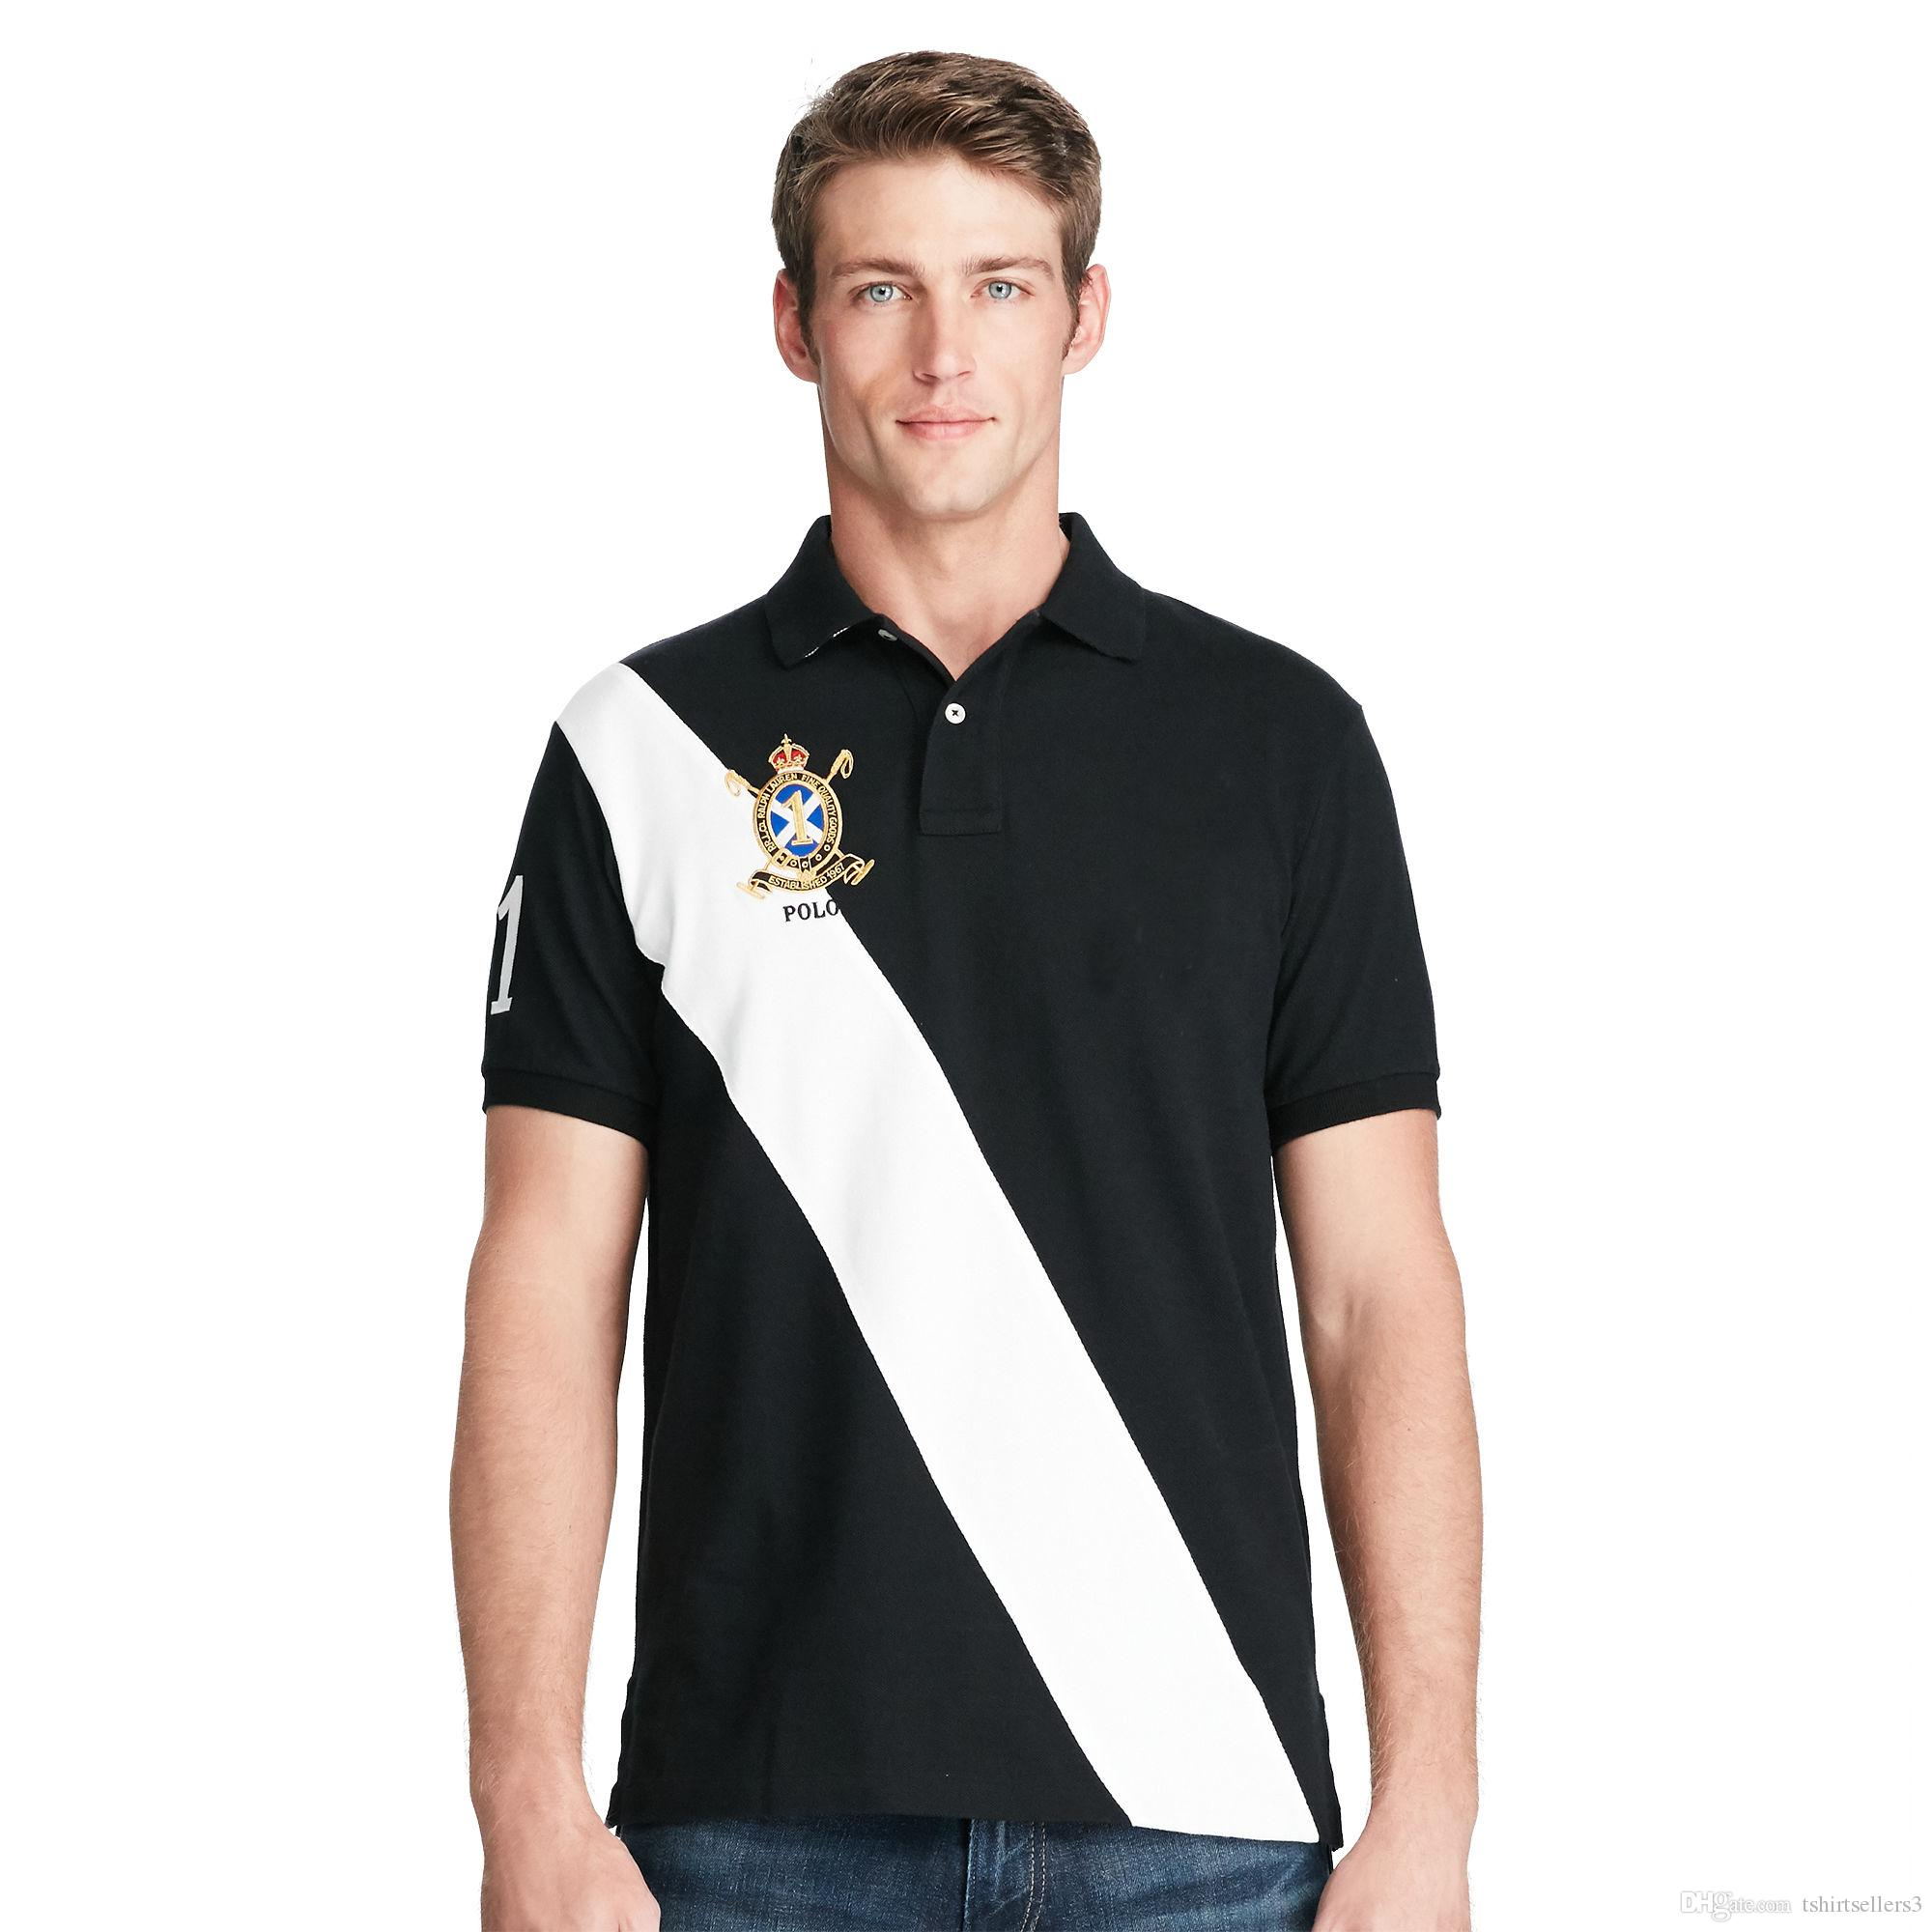 Livraison gratuite! 2018 Nouveau arrivé classique trois couleurs couronne 2 # T-shirt à manches courtes grand cheval Polo pour hommes 100% coton